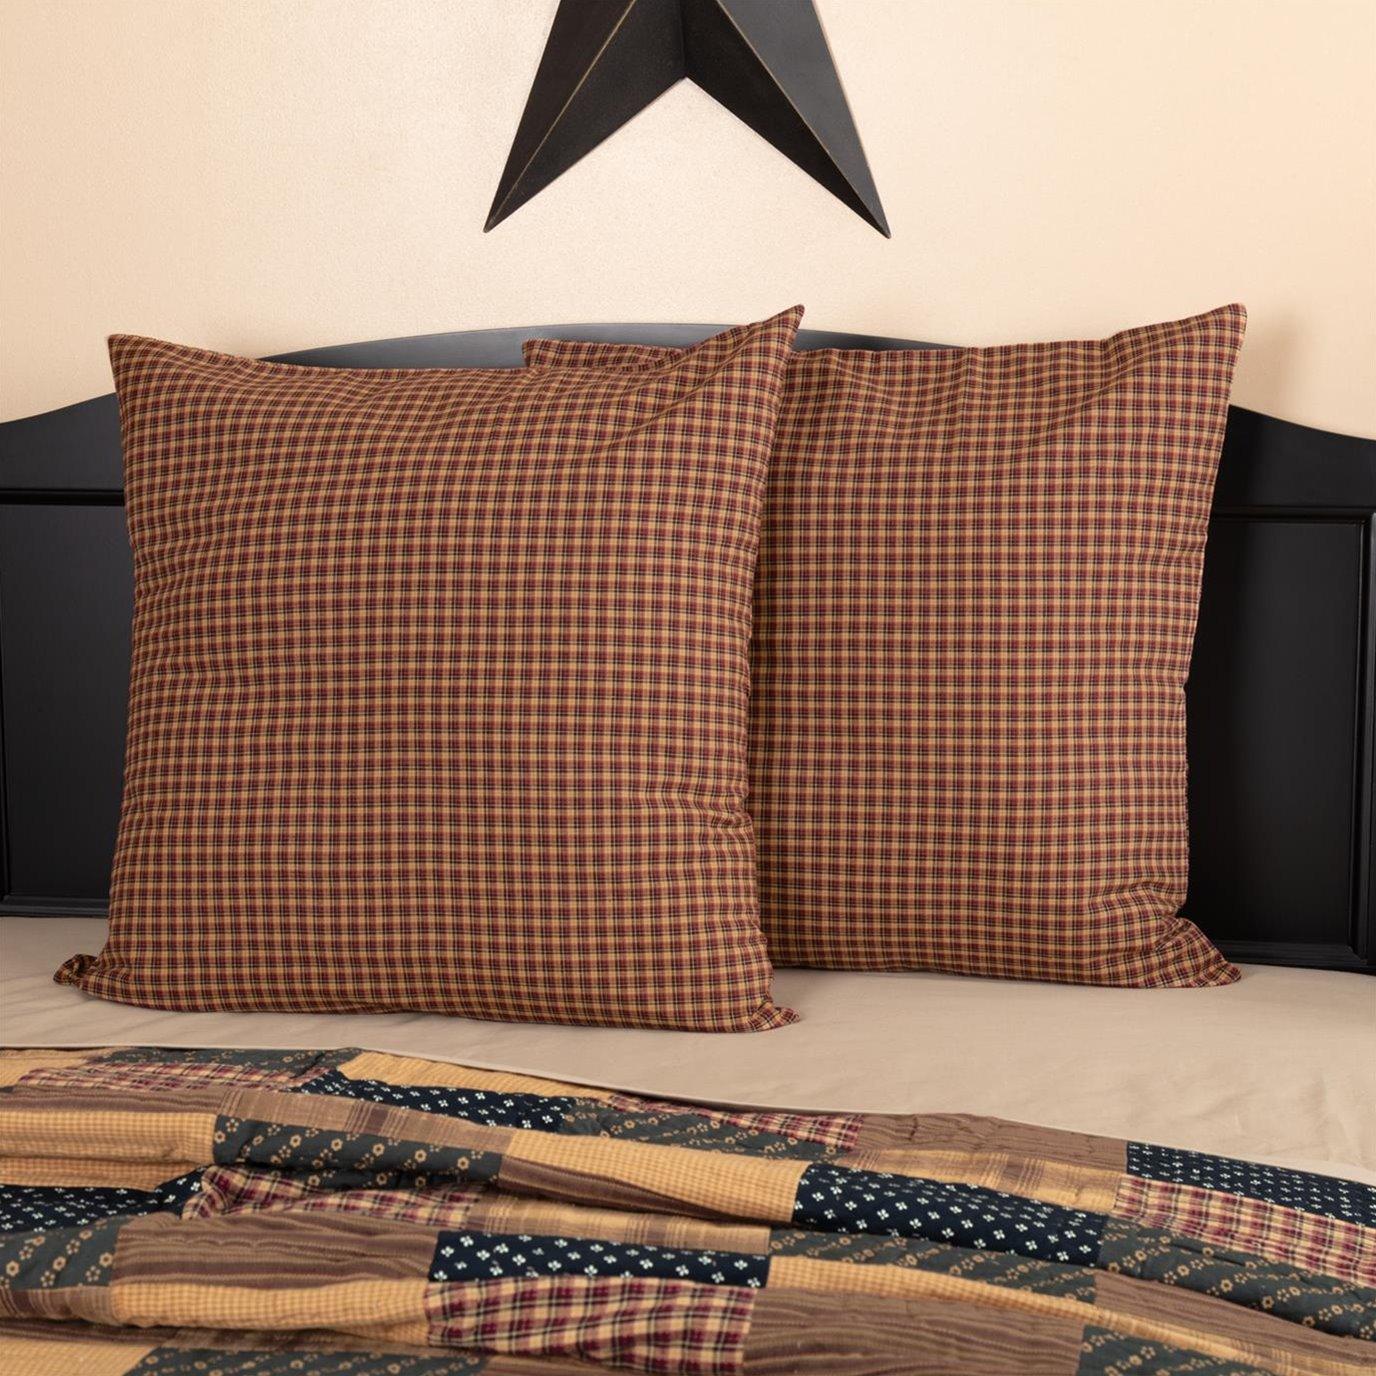 Patriotic Patch Euro Sham Fabric 26x26